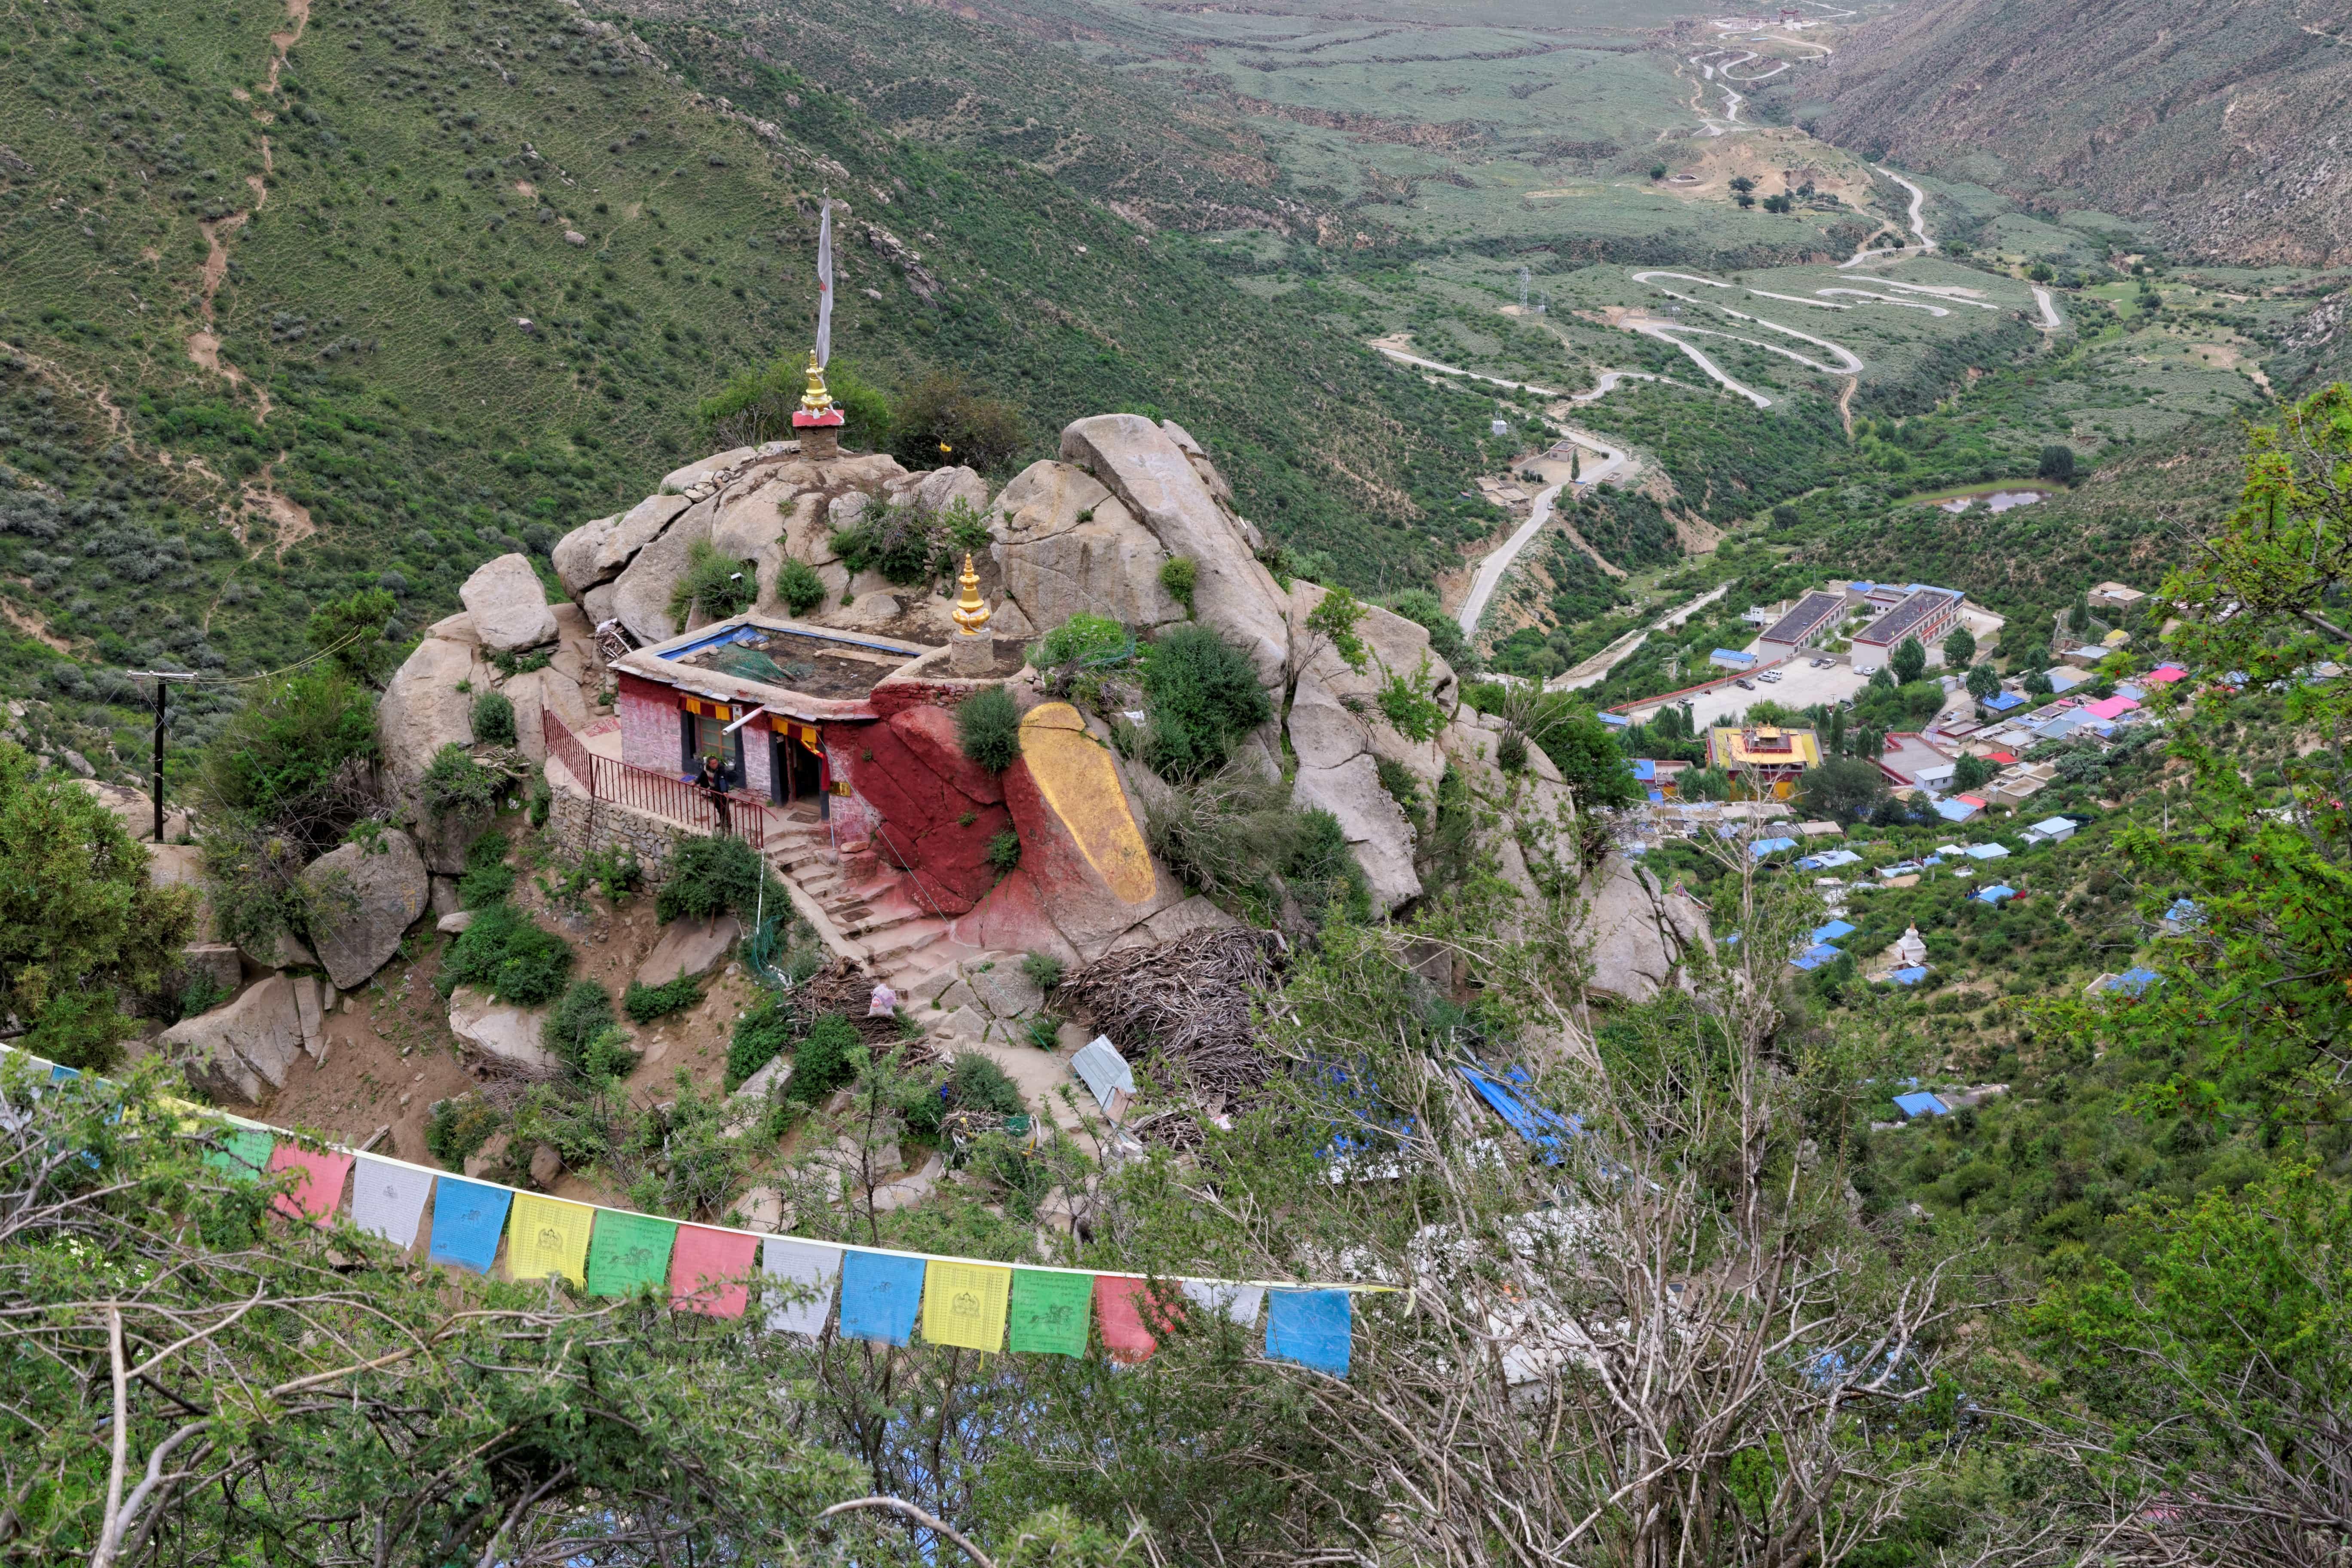 Giant Guru Rinpoche Footprint in Chimpu